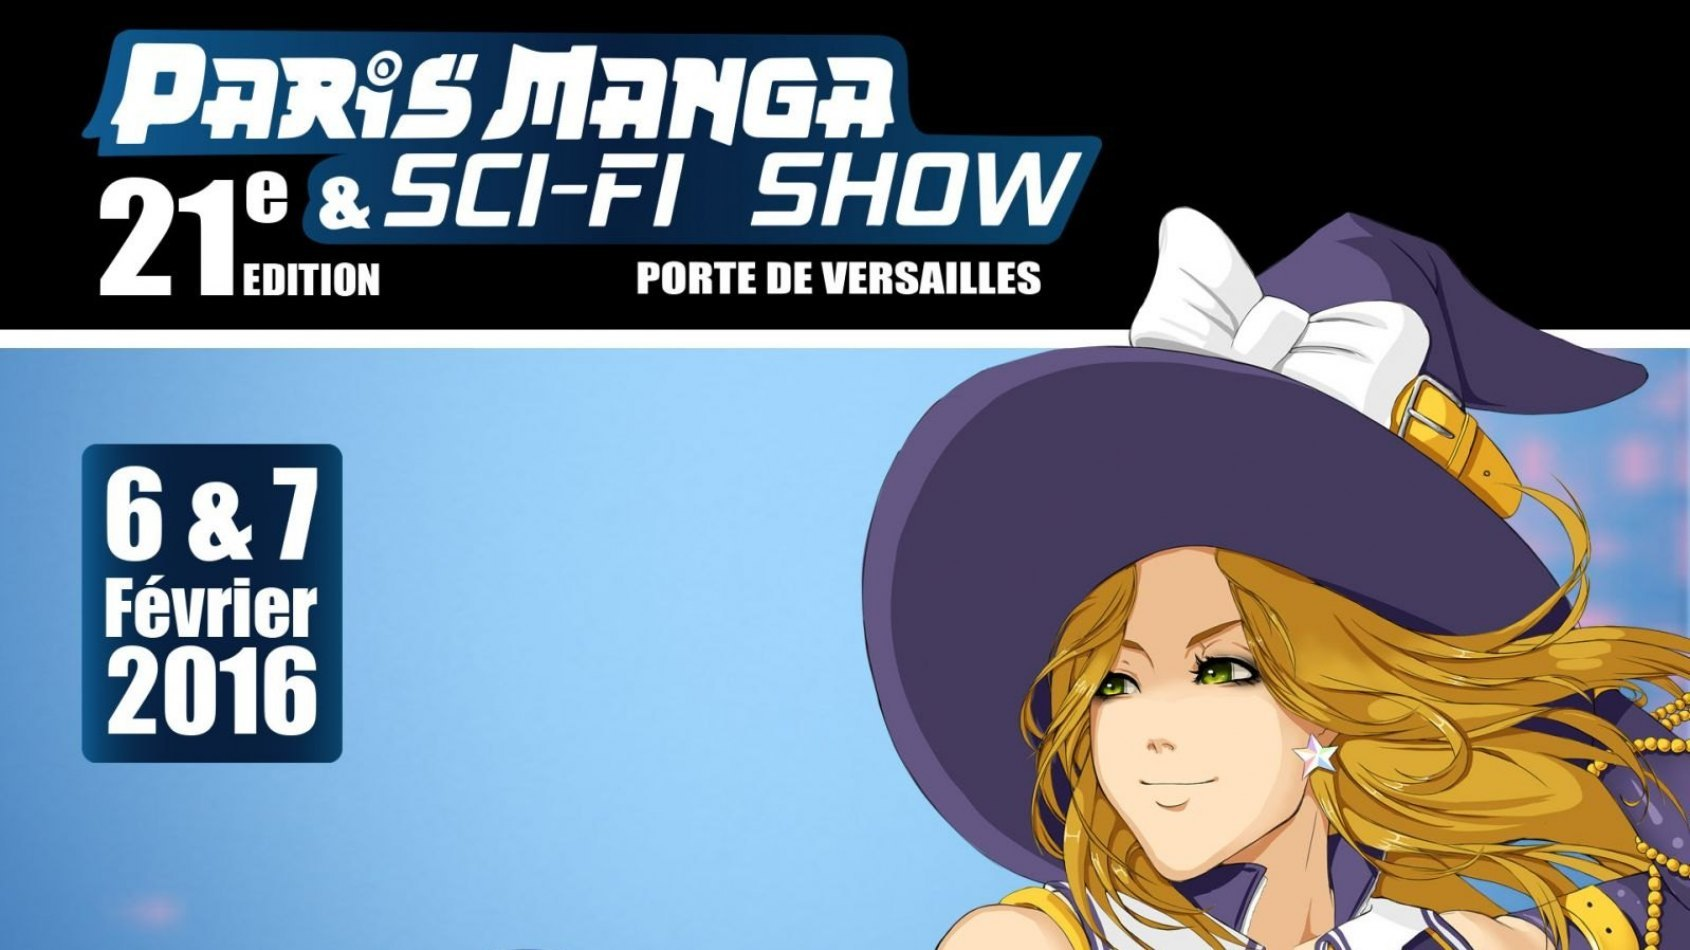 Paris Manga, c'est demain !